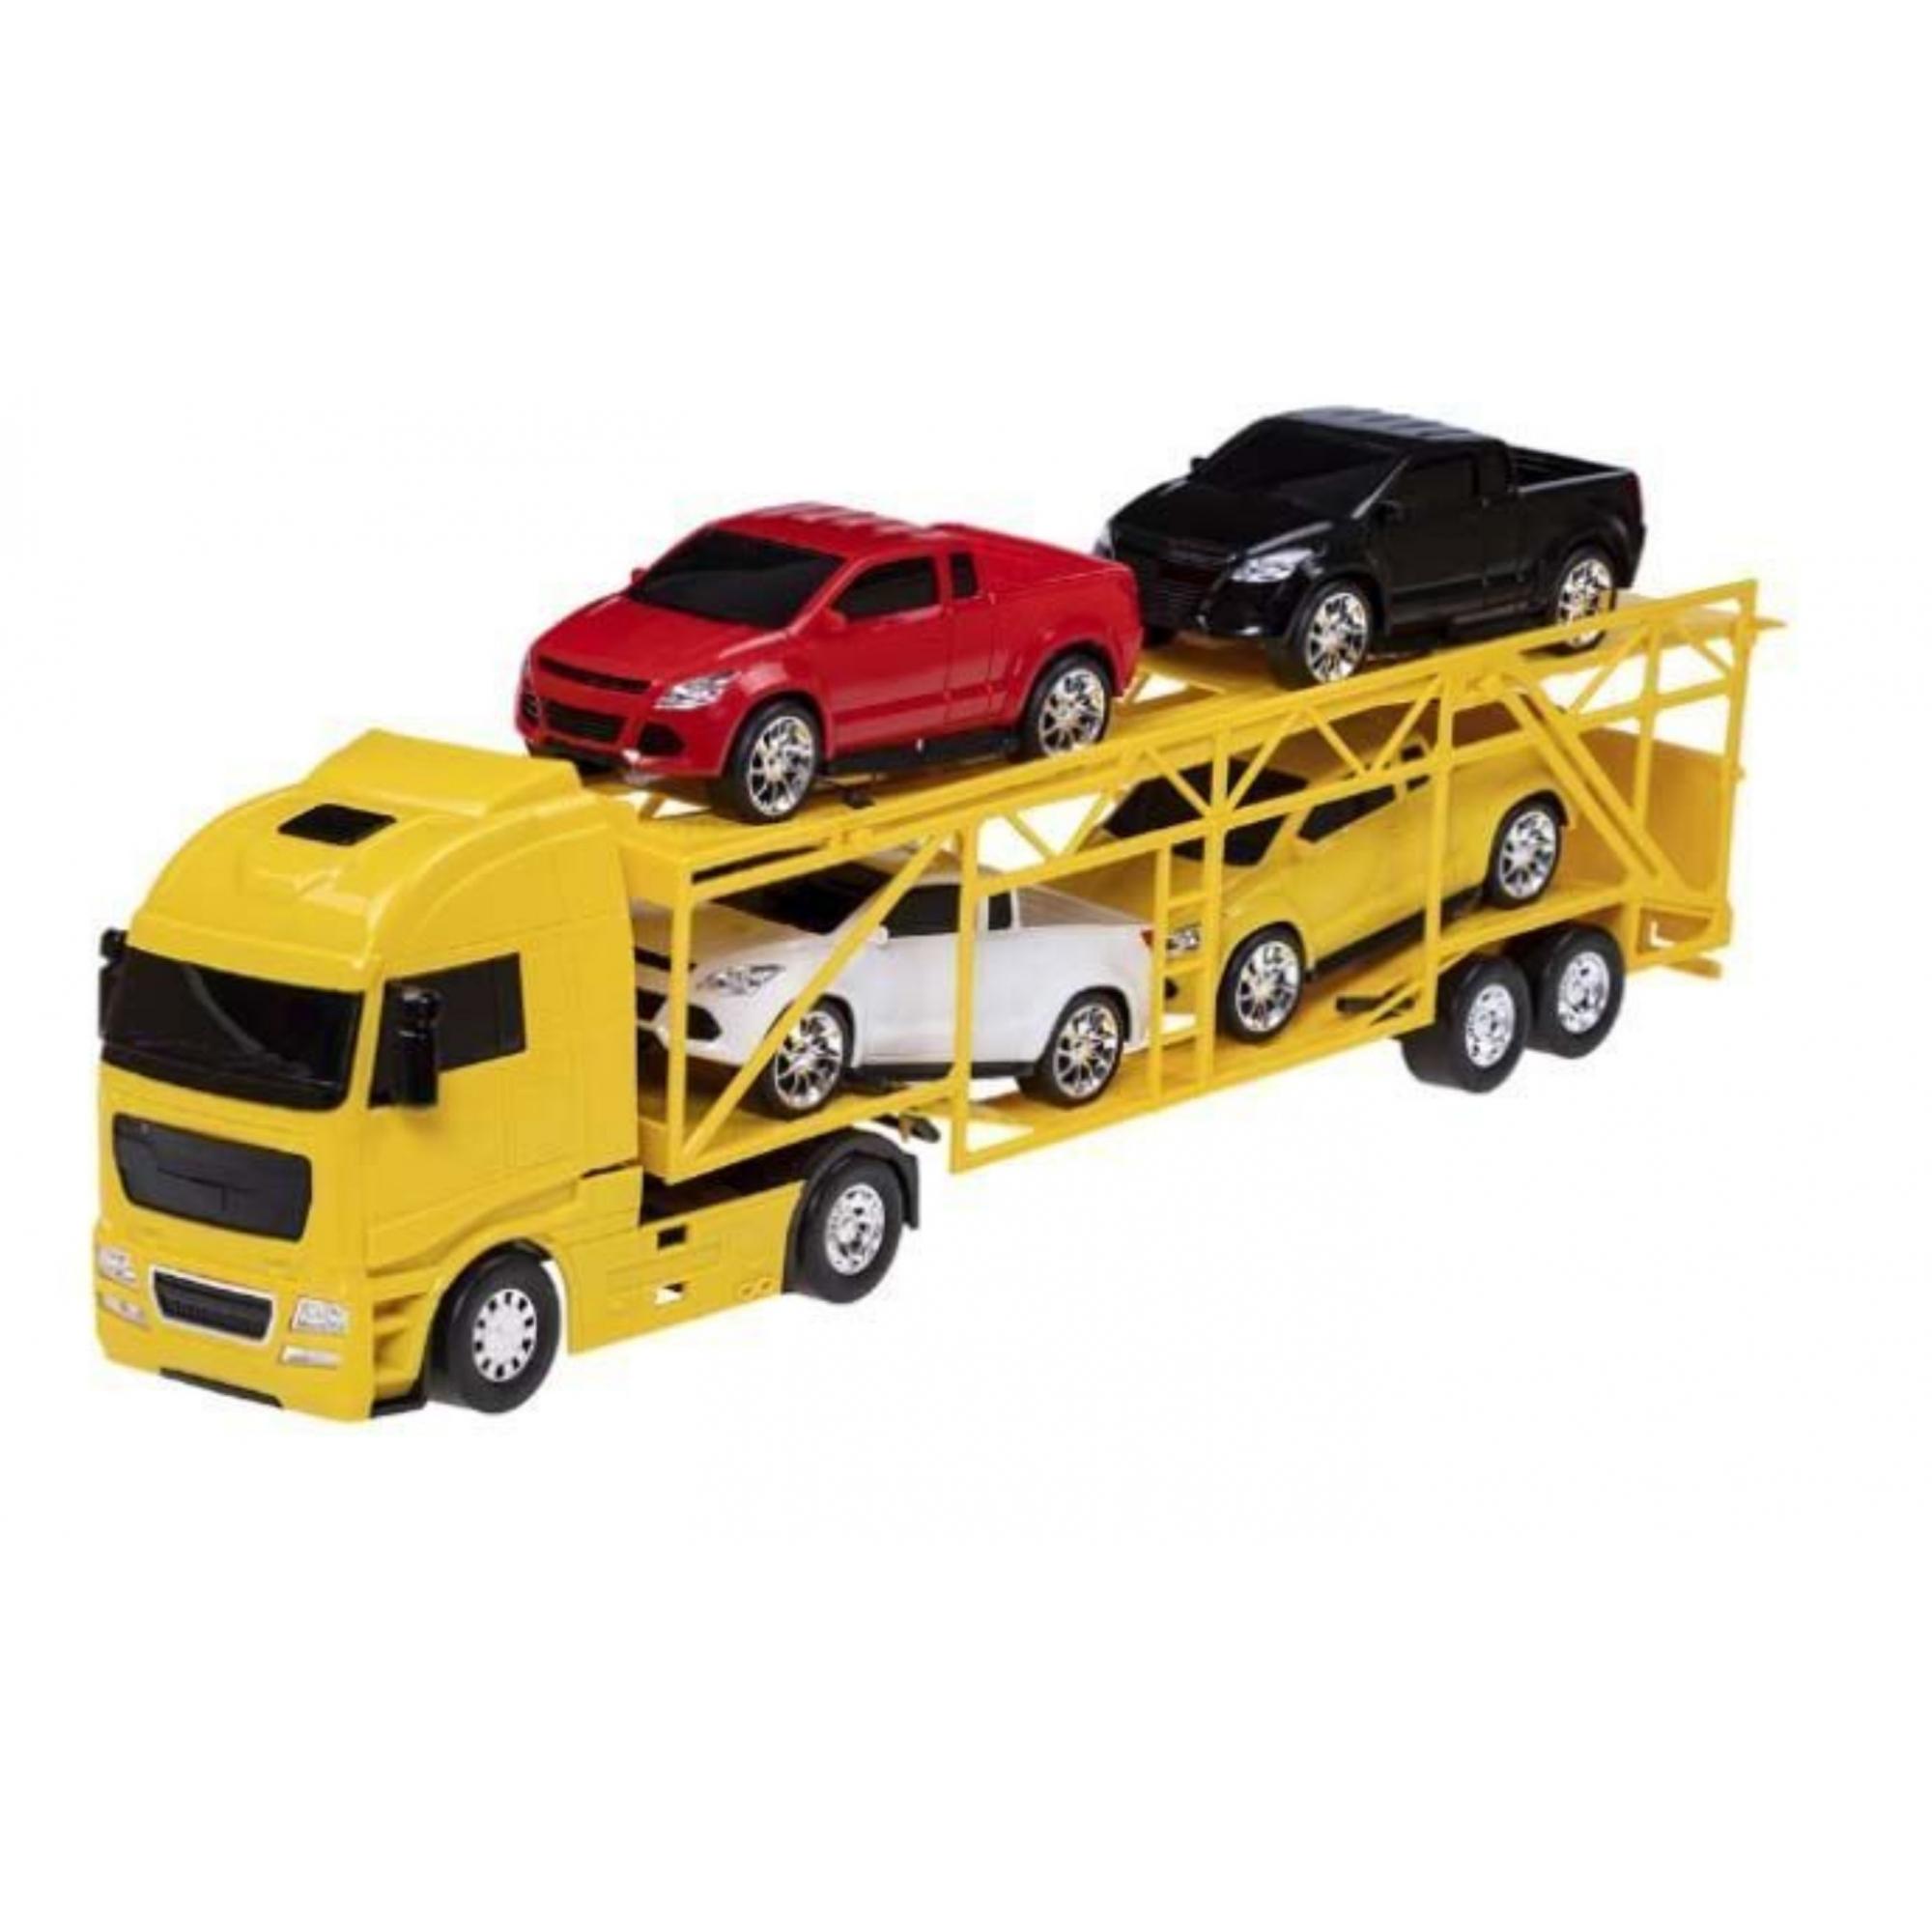 Caminhão Diamond Truck Cegonheira - Roma Brinquedos